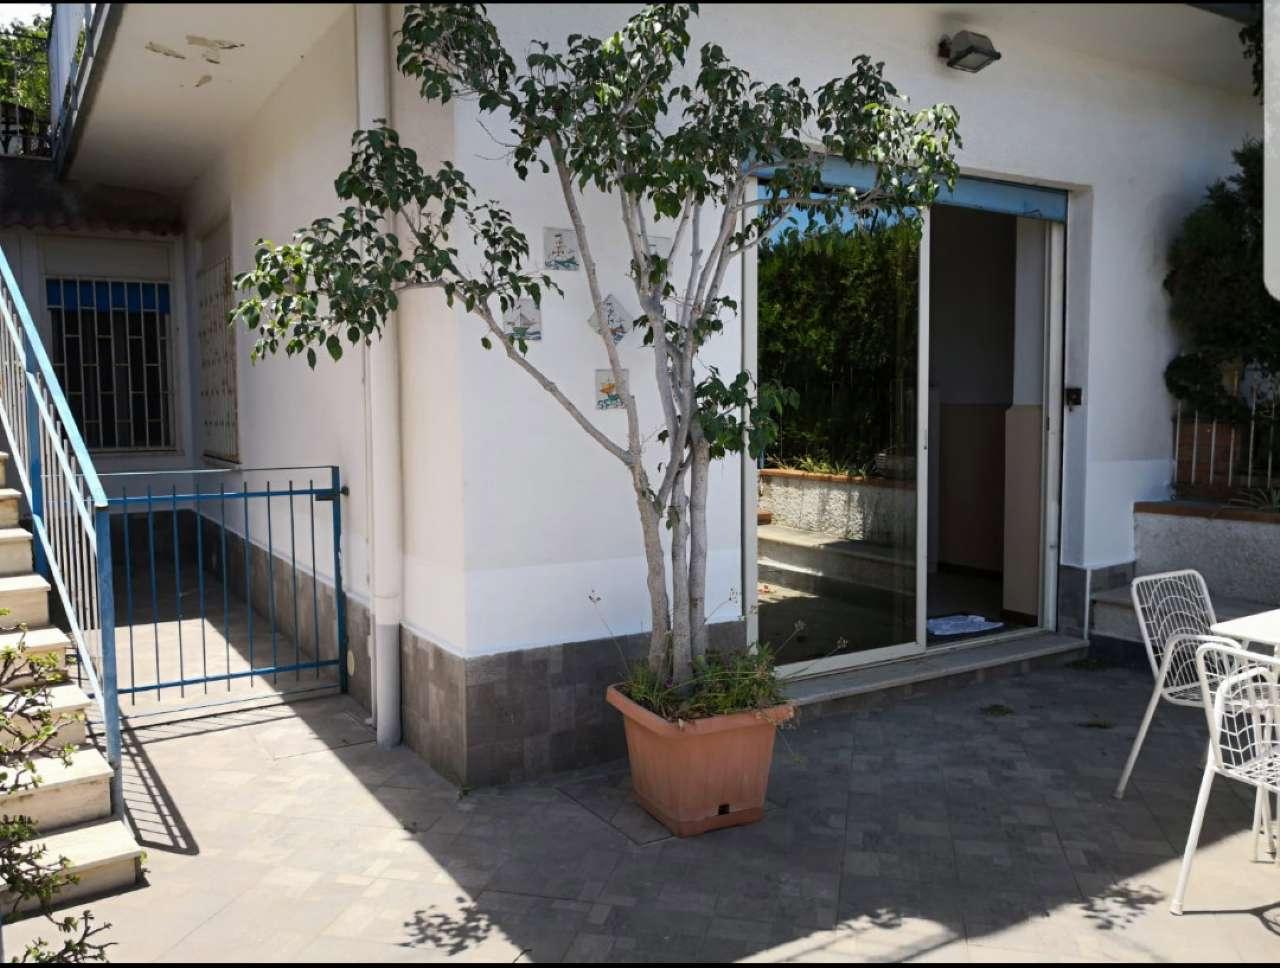 Stanza / posto letto in affitto Rif. 7033925